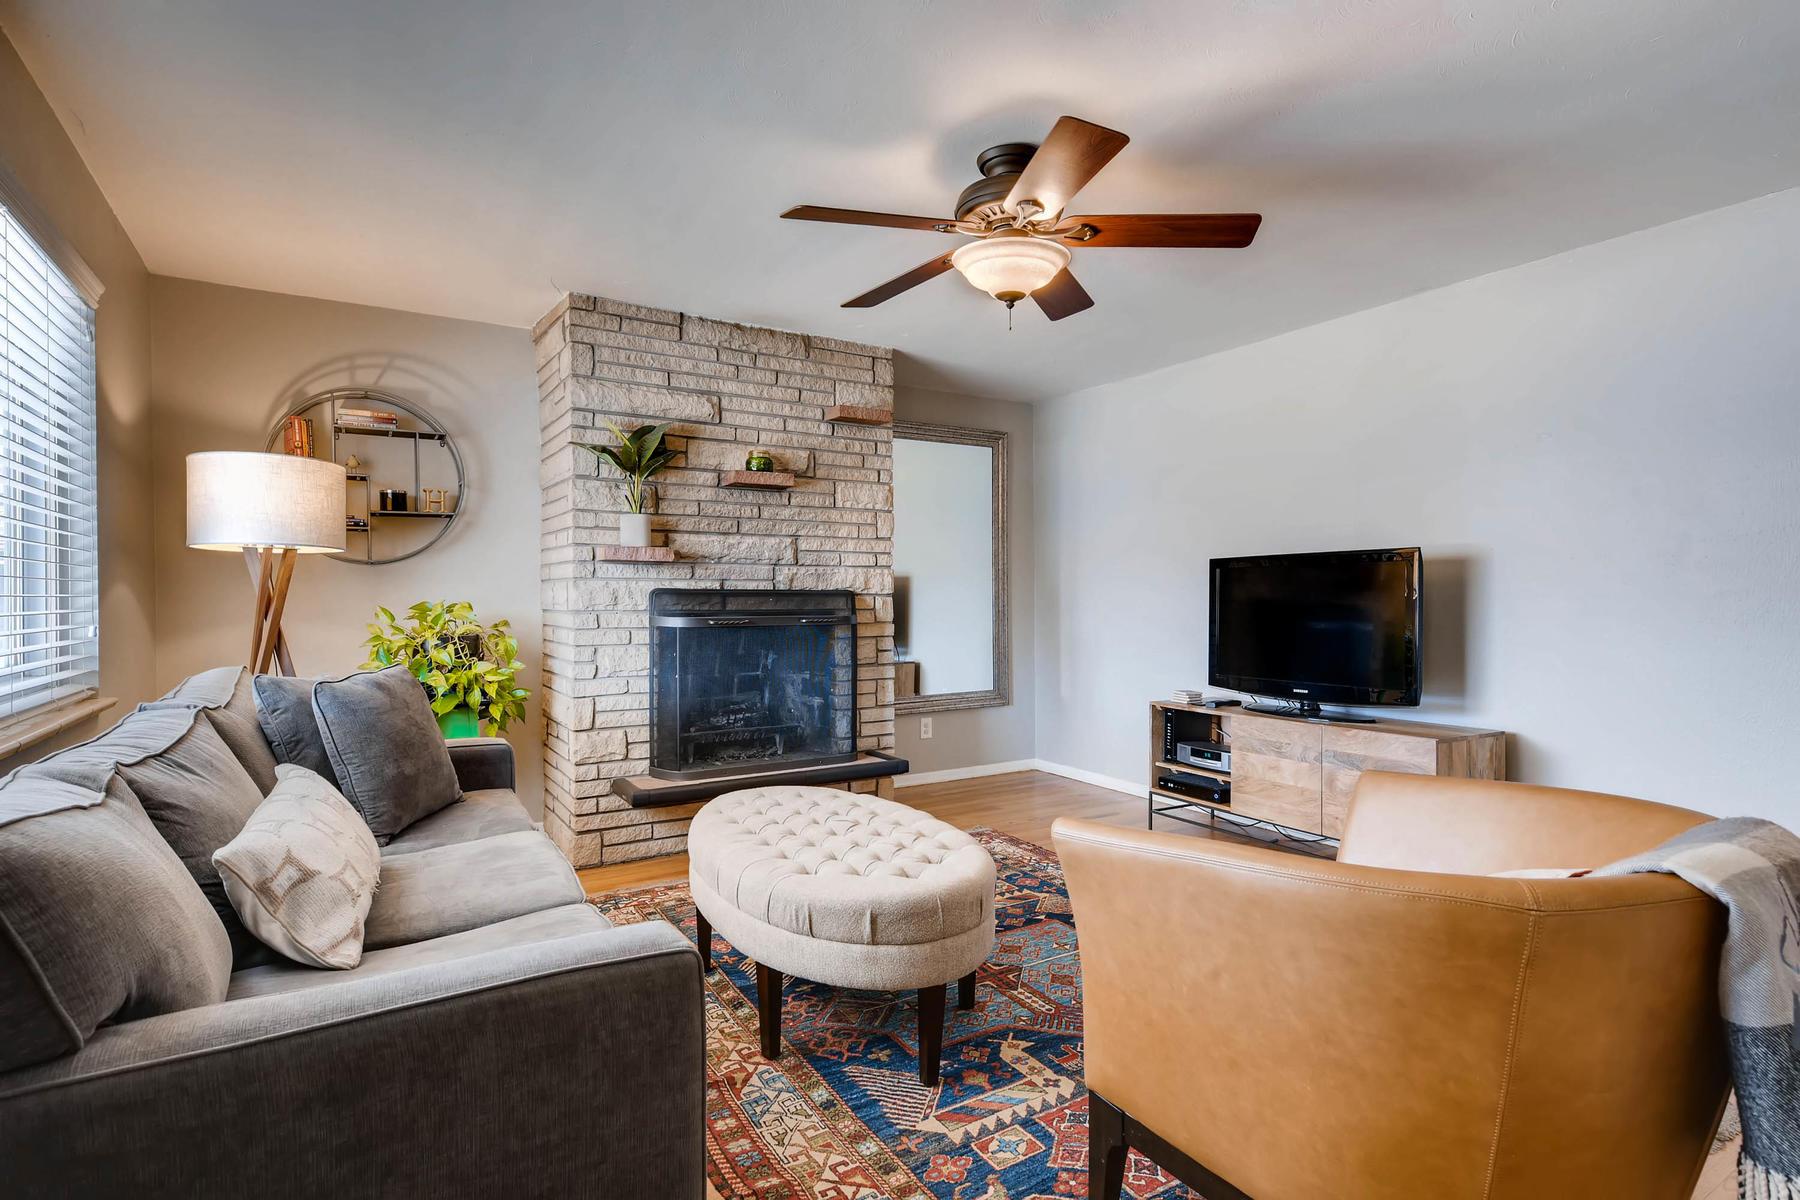 6676 S Kit Carson St-MLS_Size-006-22-Living Room-1800x1200-72dpi.jpg